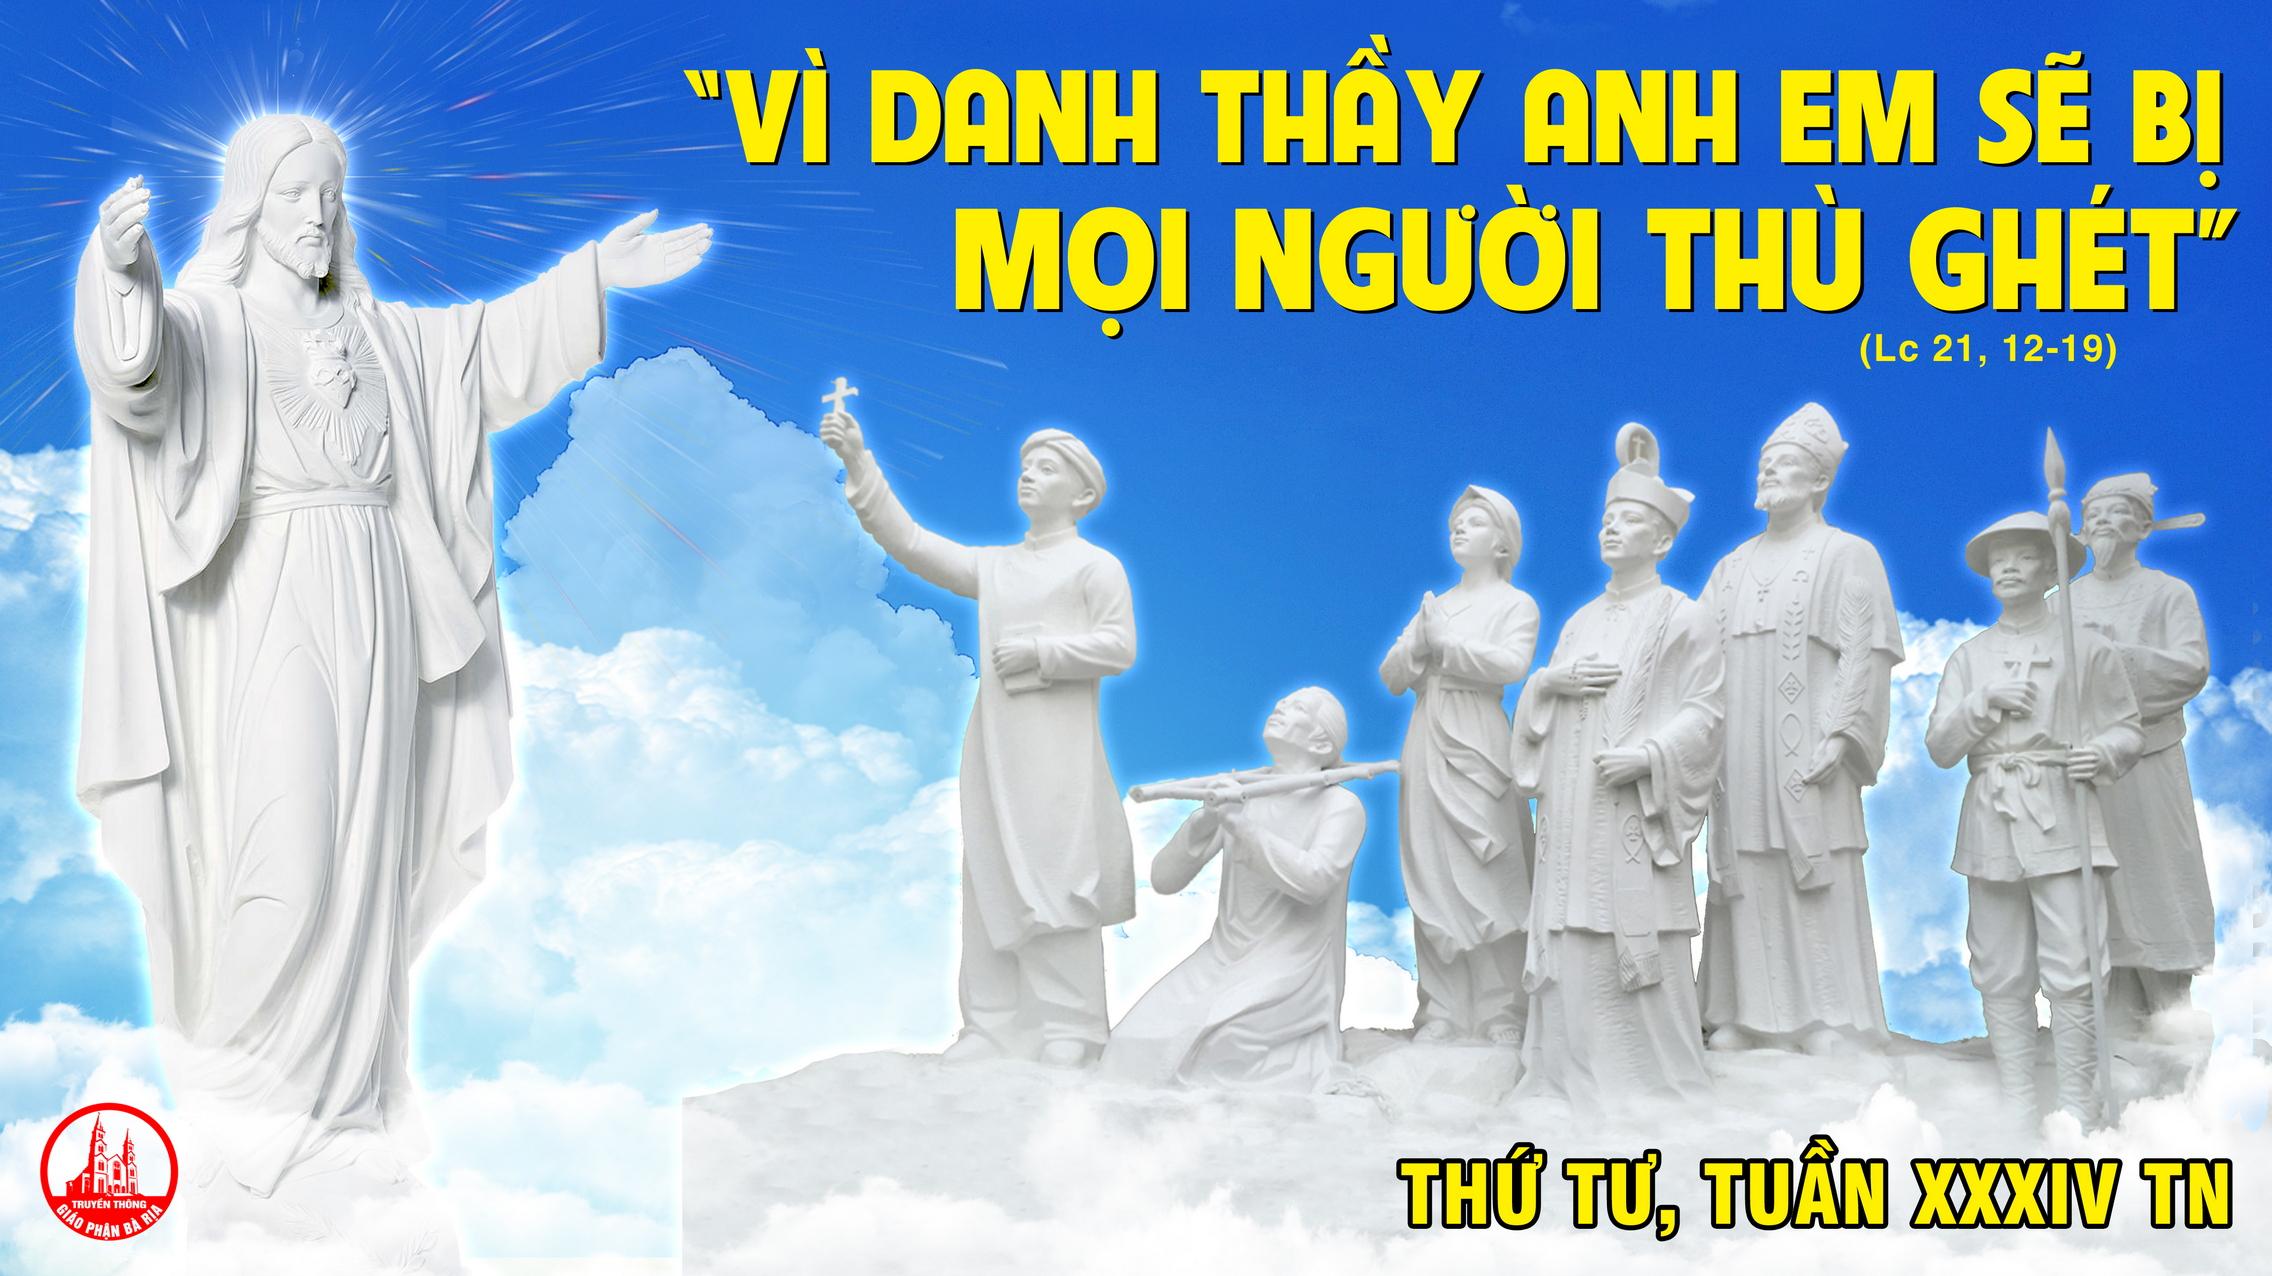 25.11 Thứ Tư Tuần XXXIV Mùa Thường Niên Năm chẵn